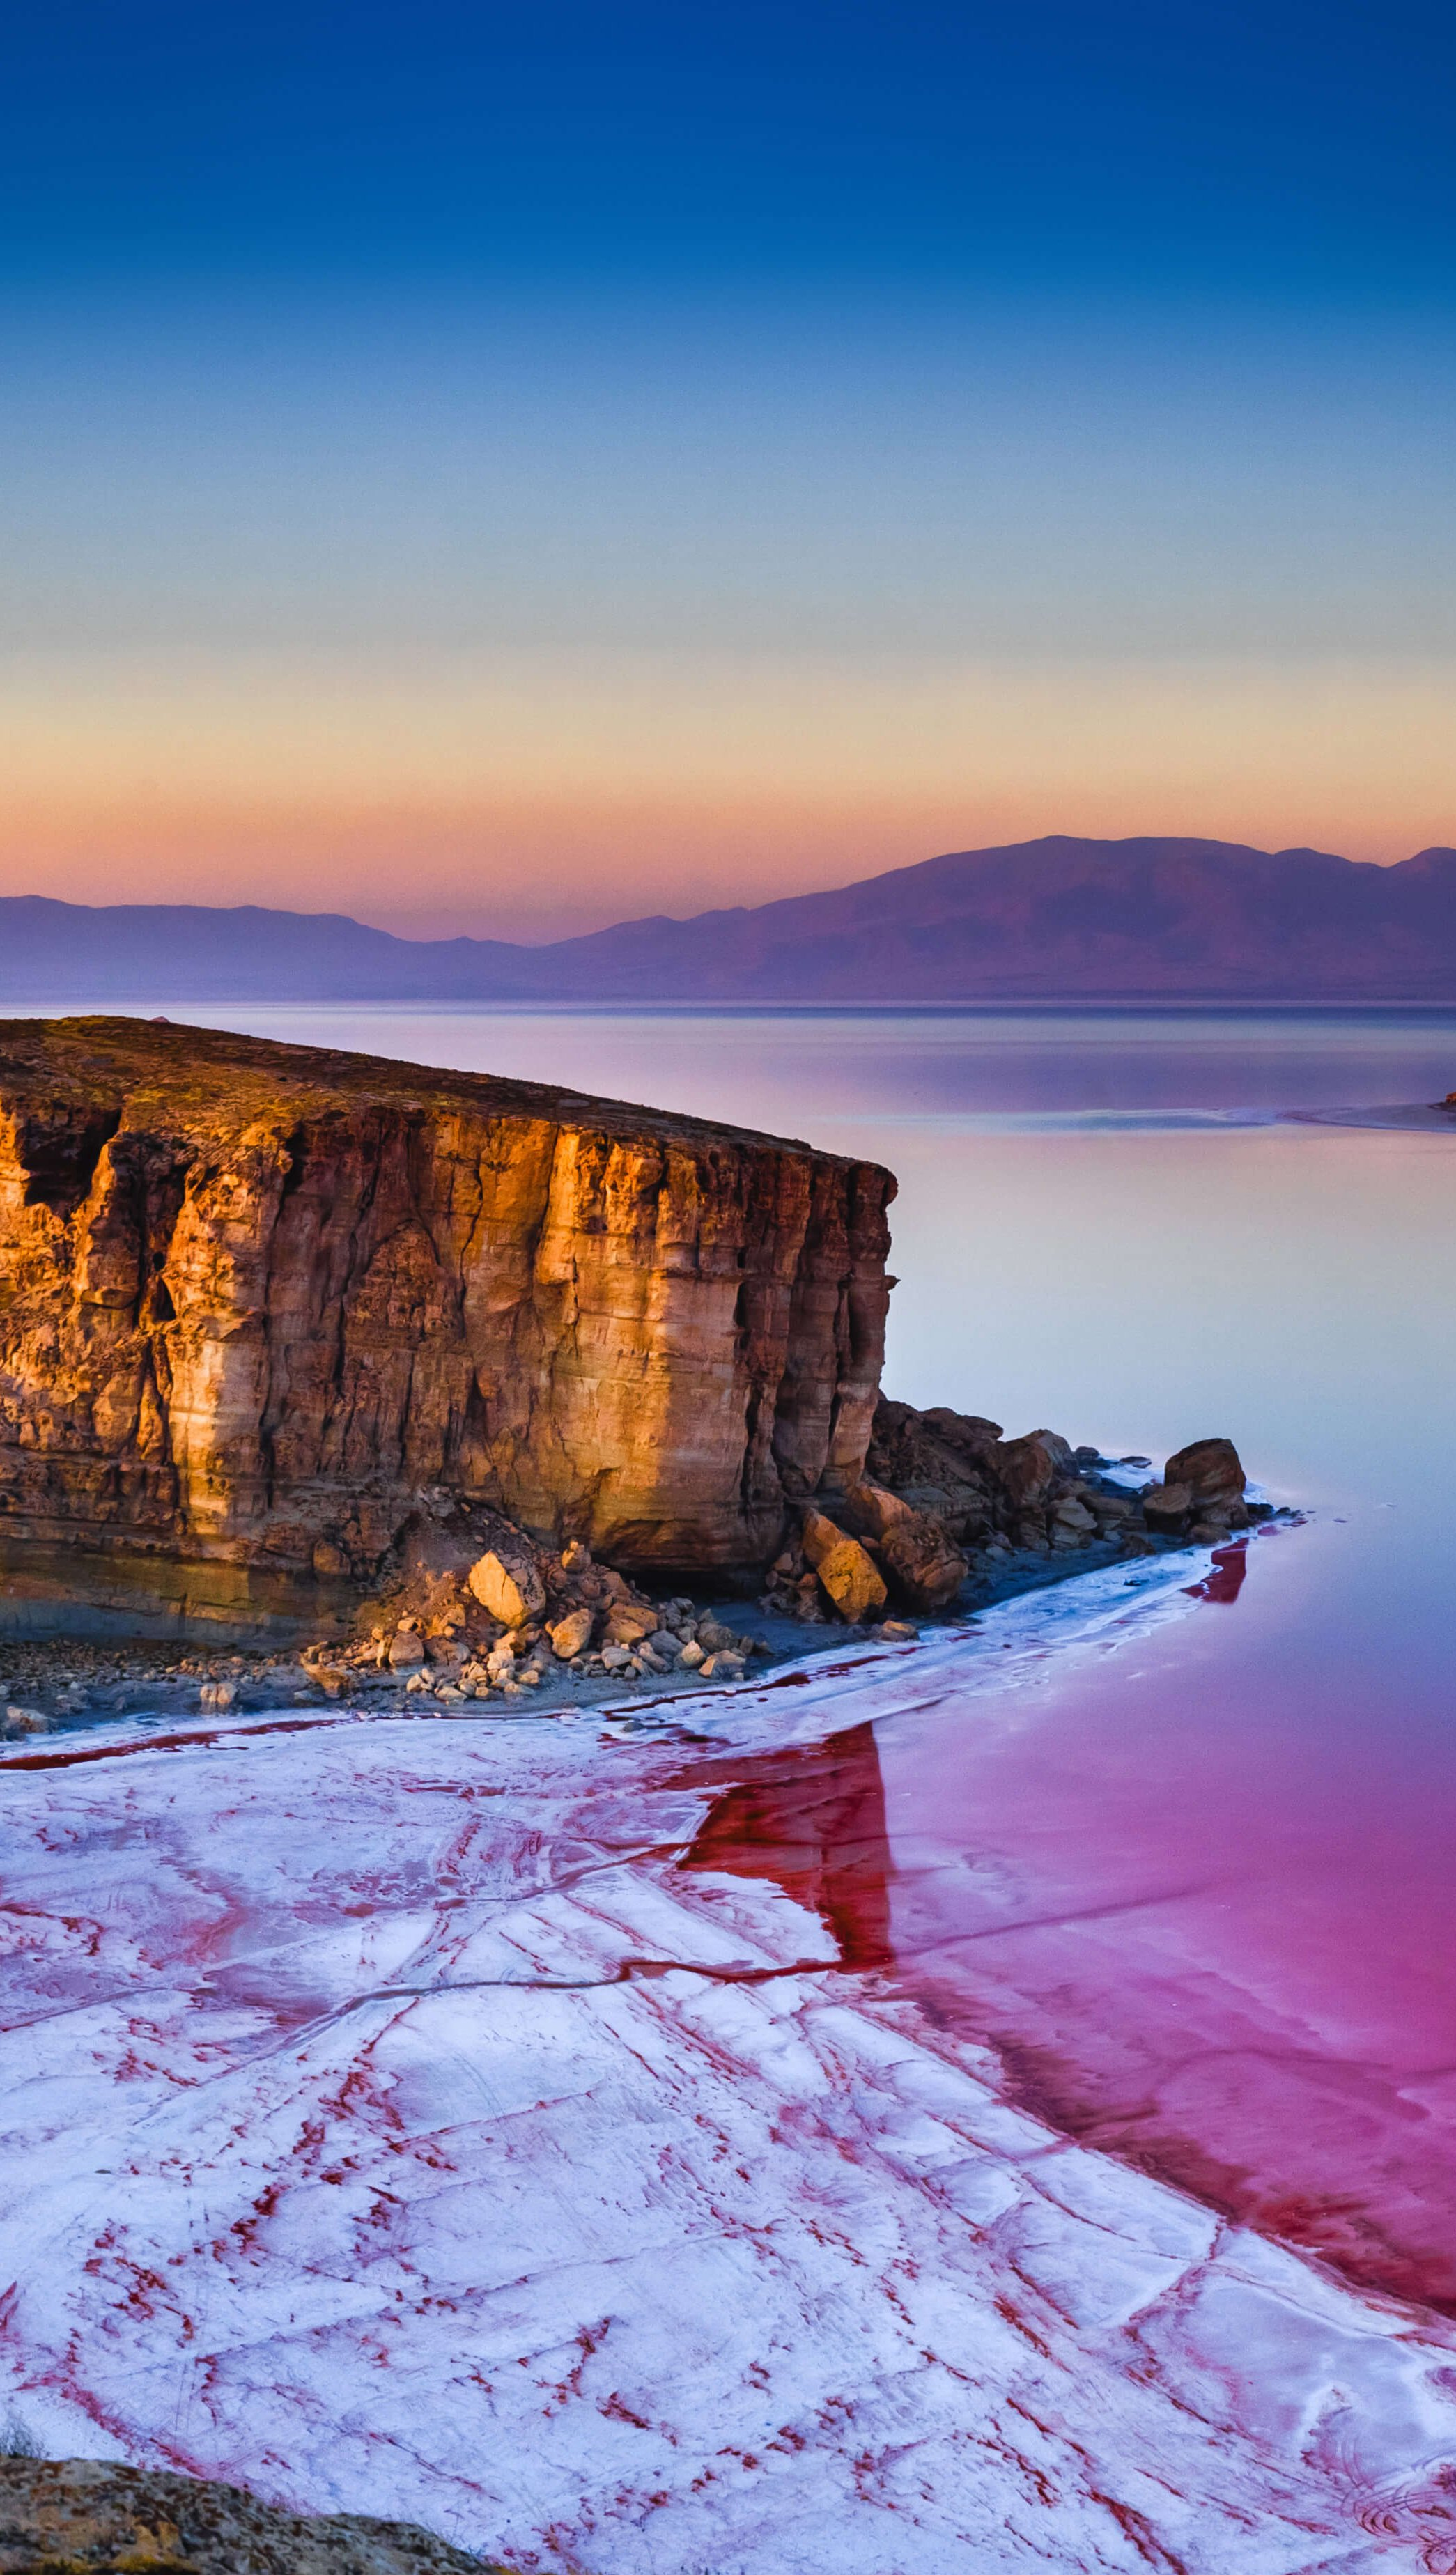 Fondos de pantalla Amanecer en la playa convirtiendose rosa Vertical